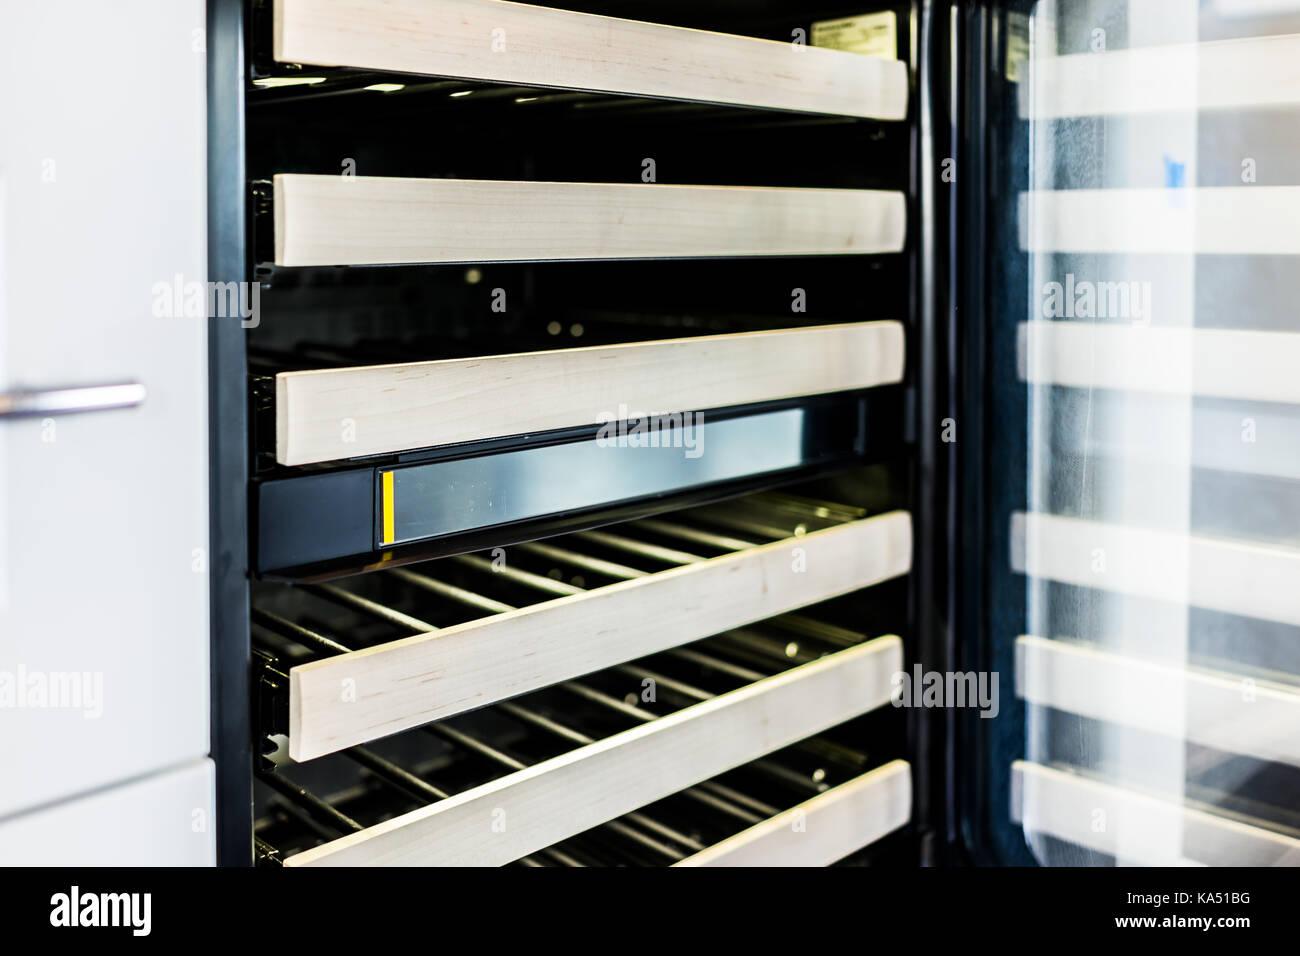 Minibar Kühlschrank Glastür : Mini kühlschrank glastür kühlschrank glasfront best of türen